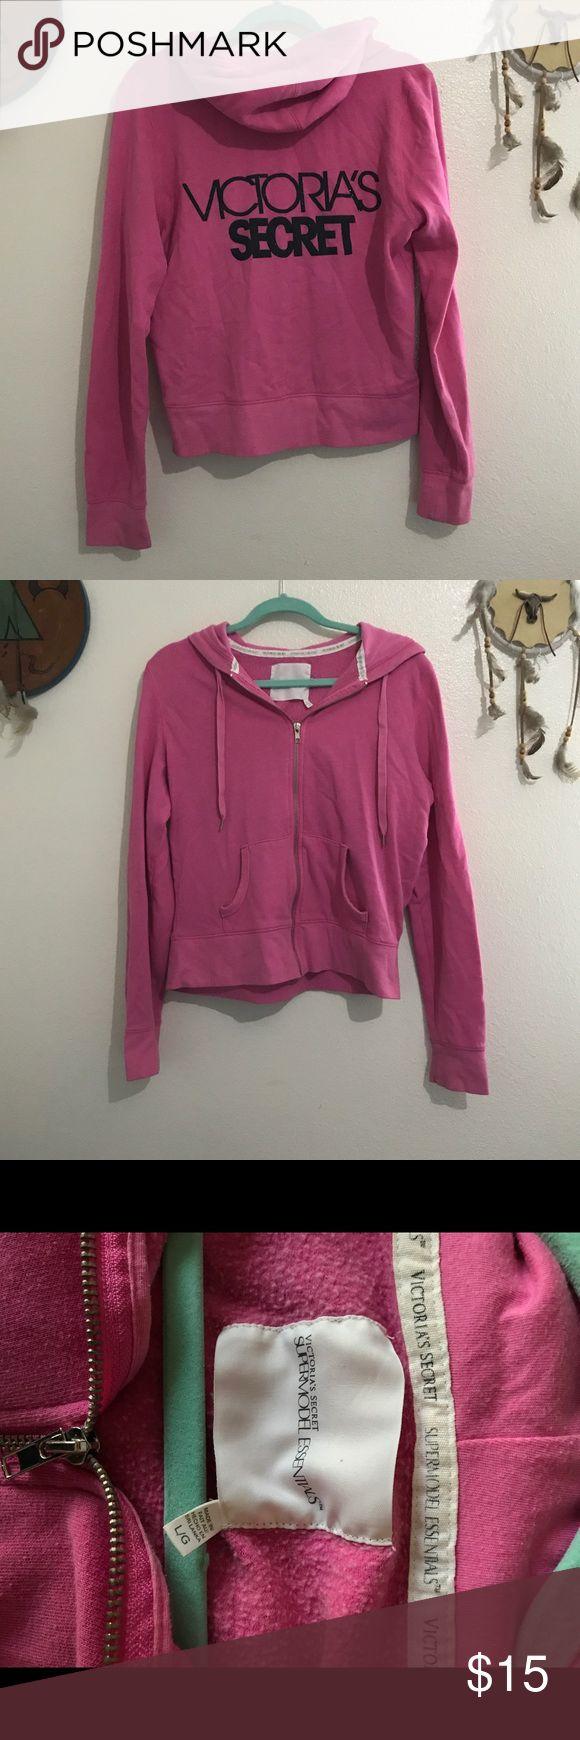 Victoria's Secret zip up hoodie Victoria's Secret Pink zip up hoodie size Large Victoria's Secret Sweaters